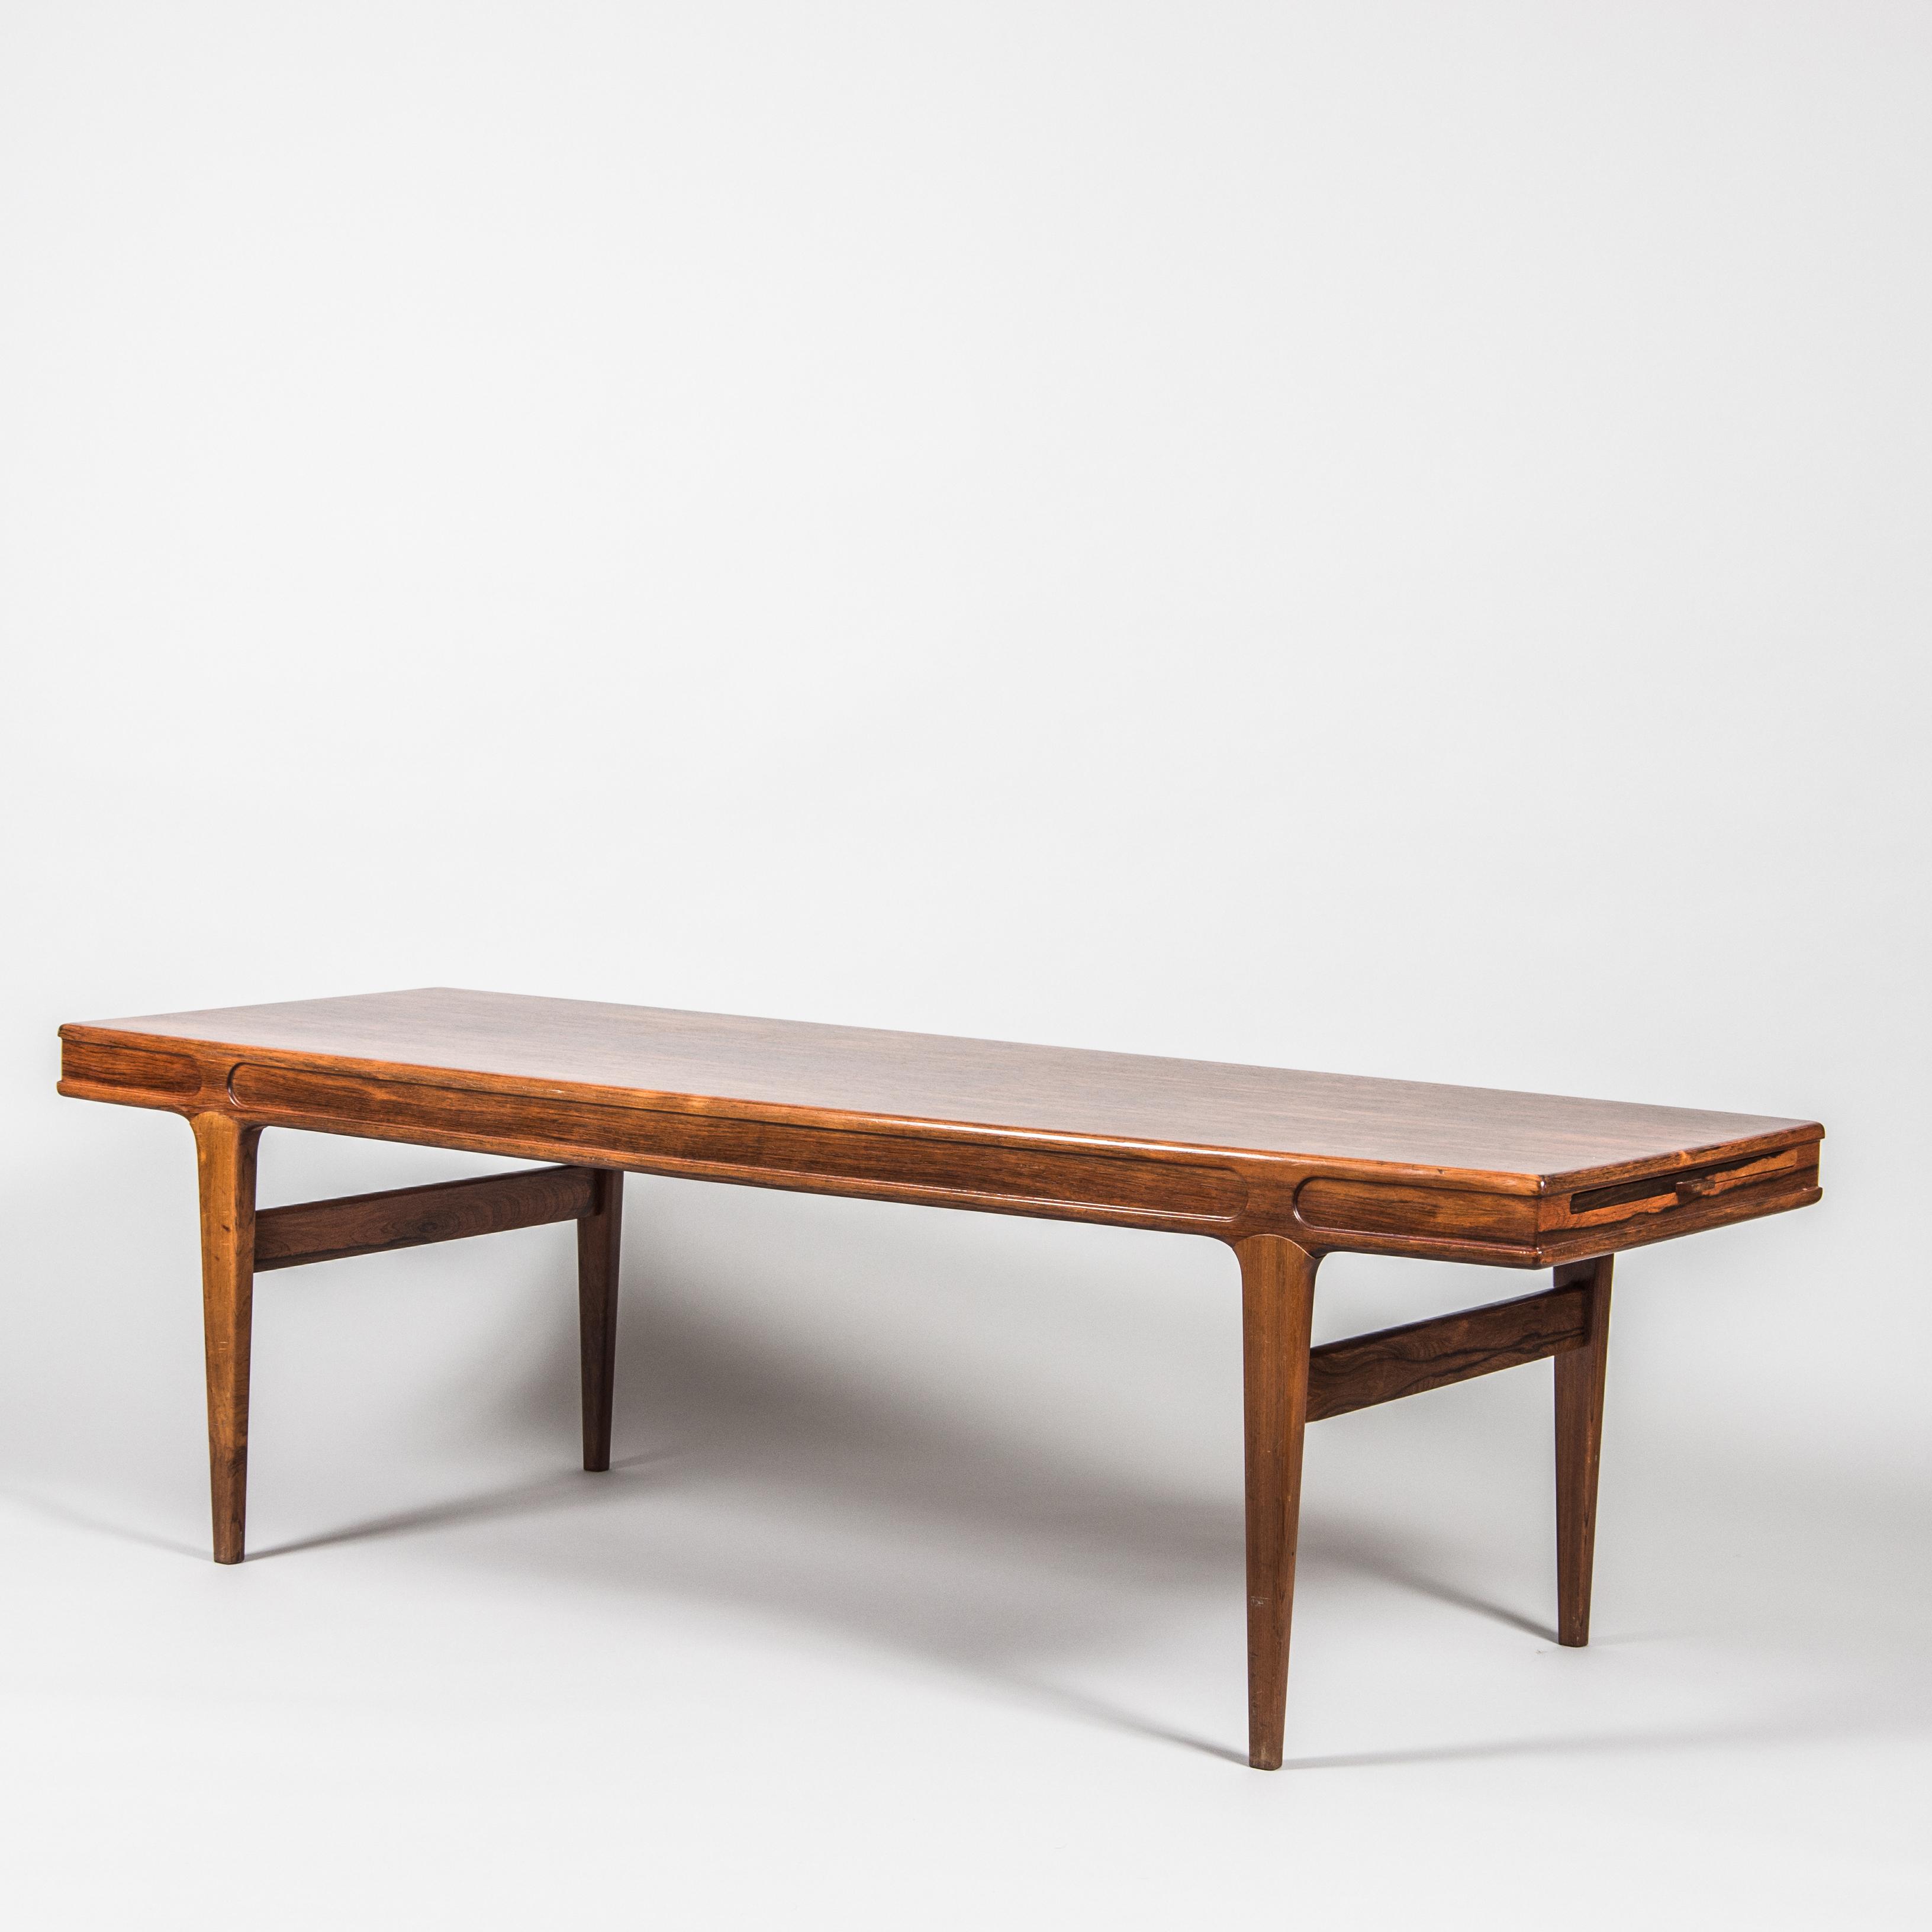 SOFFBORD med utdragsskiva, jakaranda, 1960 tal. Möbler